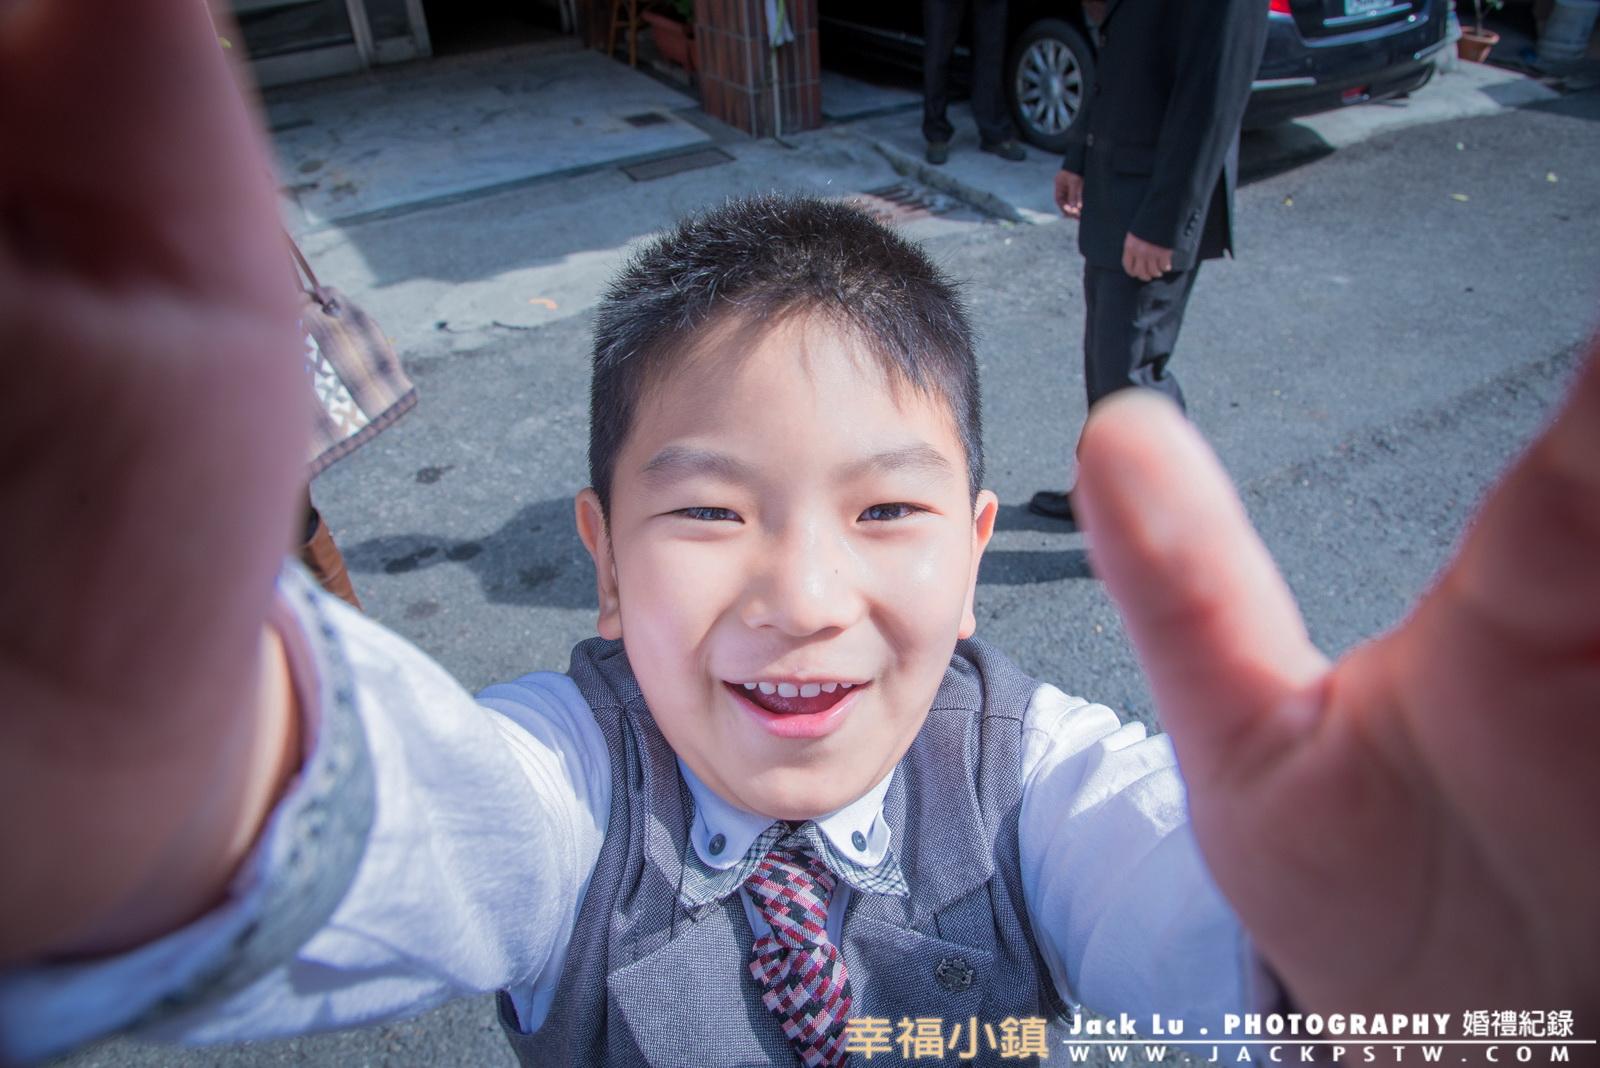 婚禮記錄-小孩-小朋友-照片:小花童看到我在拍他